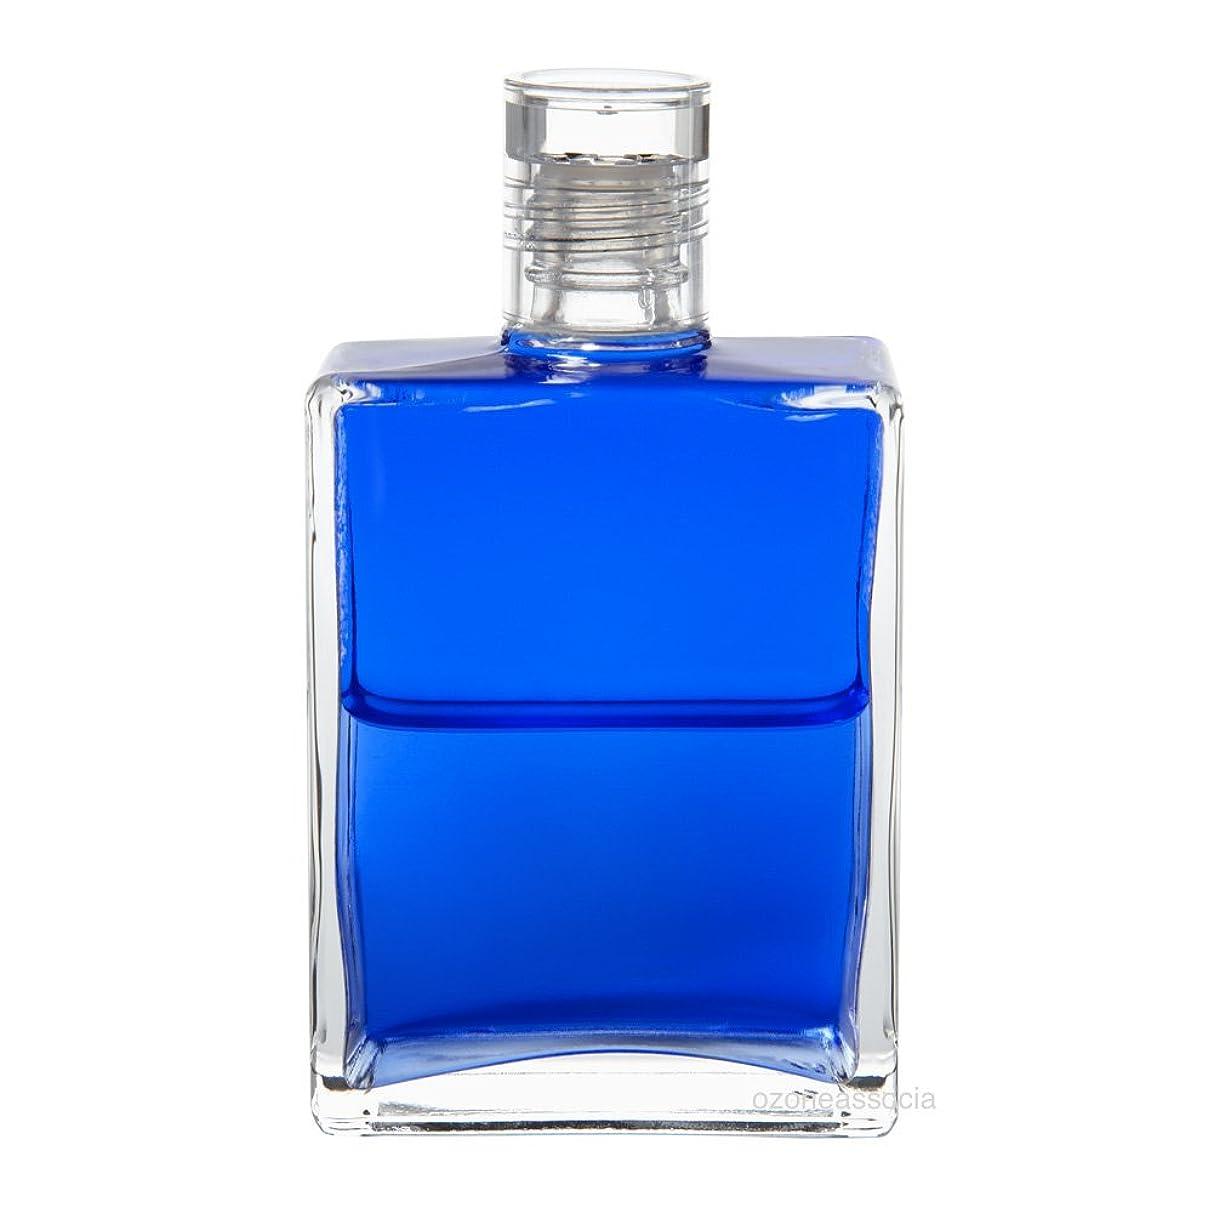 オーラソーマ ボトル 2番 ピースイクイリブリアムボトル (ブルー/ブルー) イクイリブリアムボトル50ml